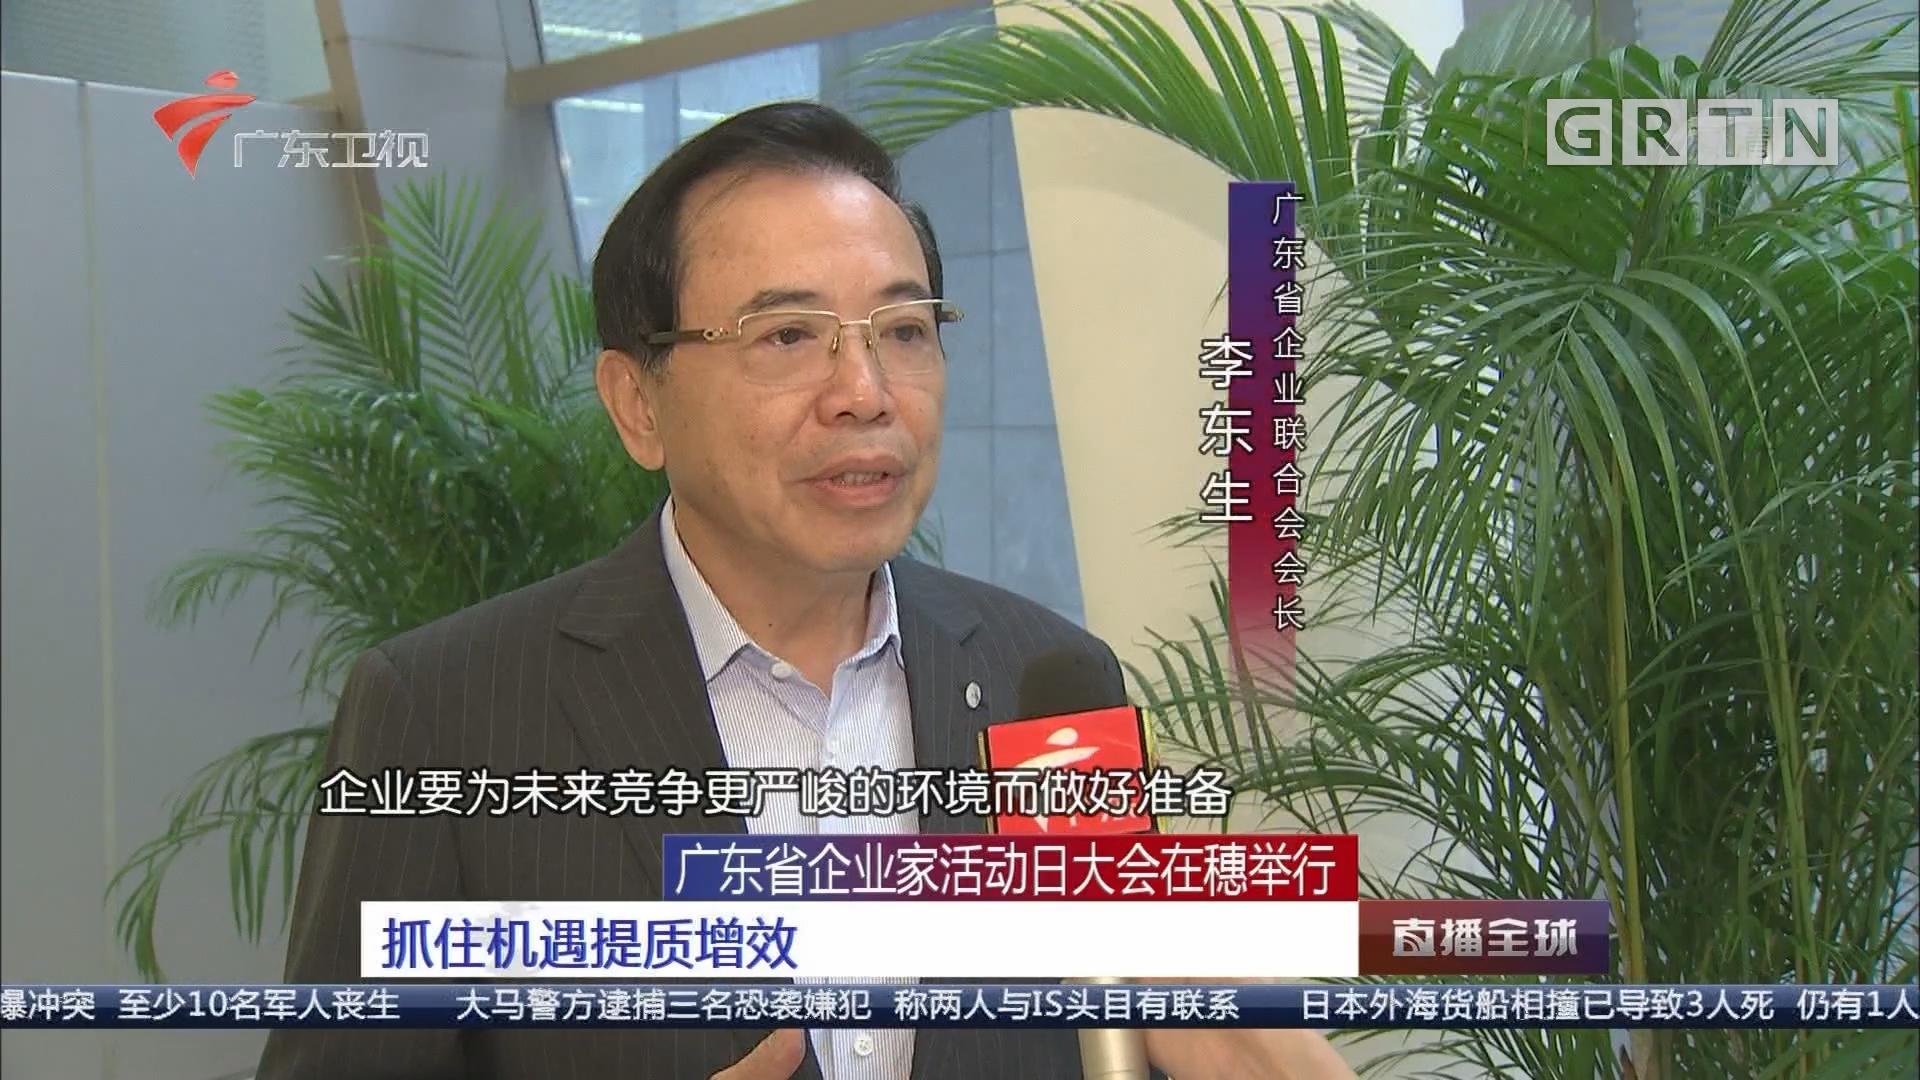 广东省企业家活动日大会在穗举行:发扬优秀企业家精神 推动经济高质量发展